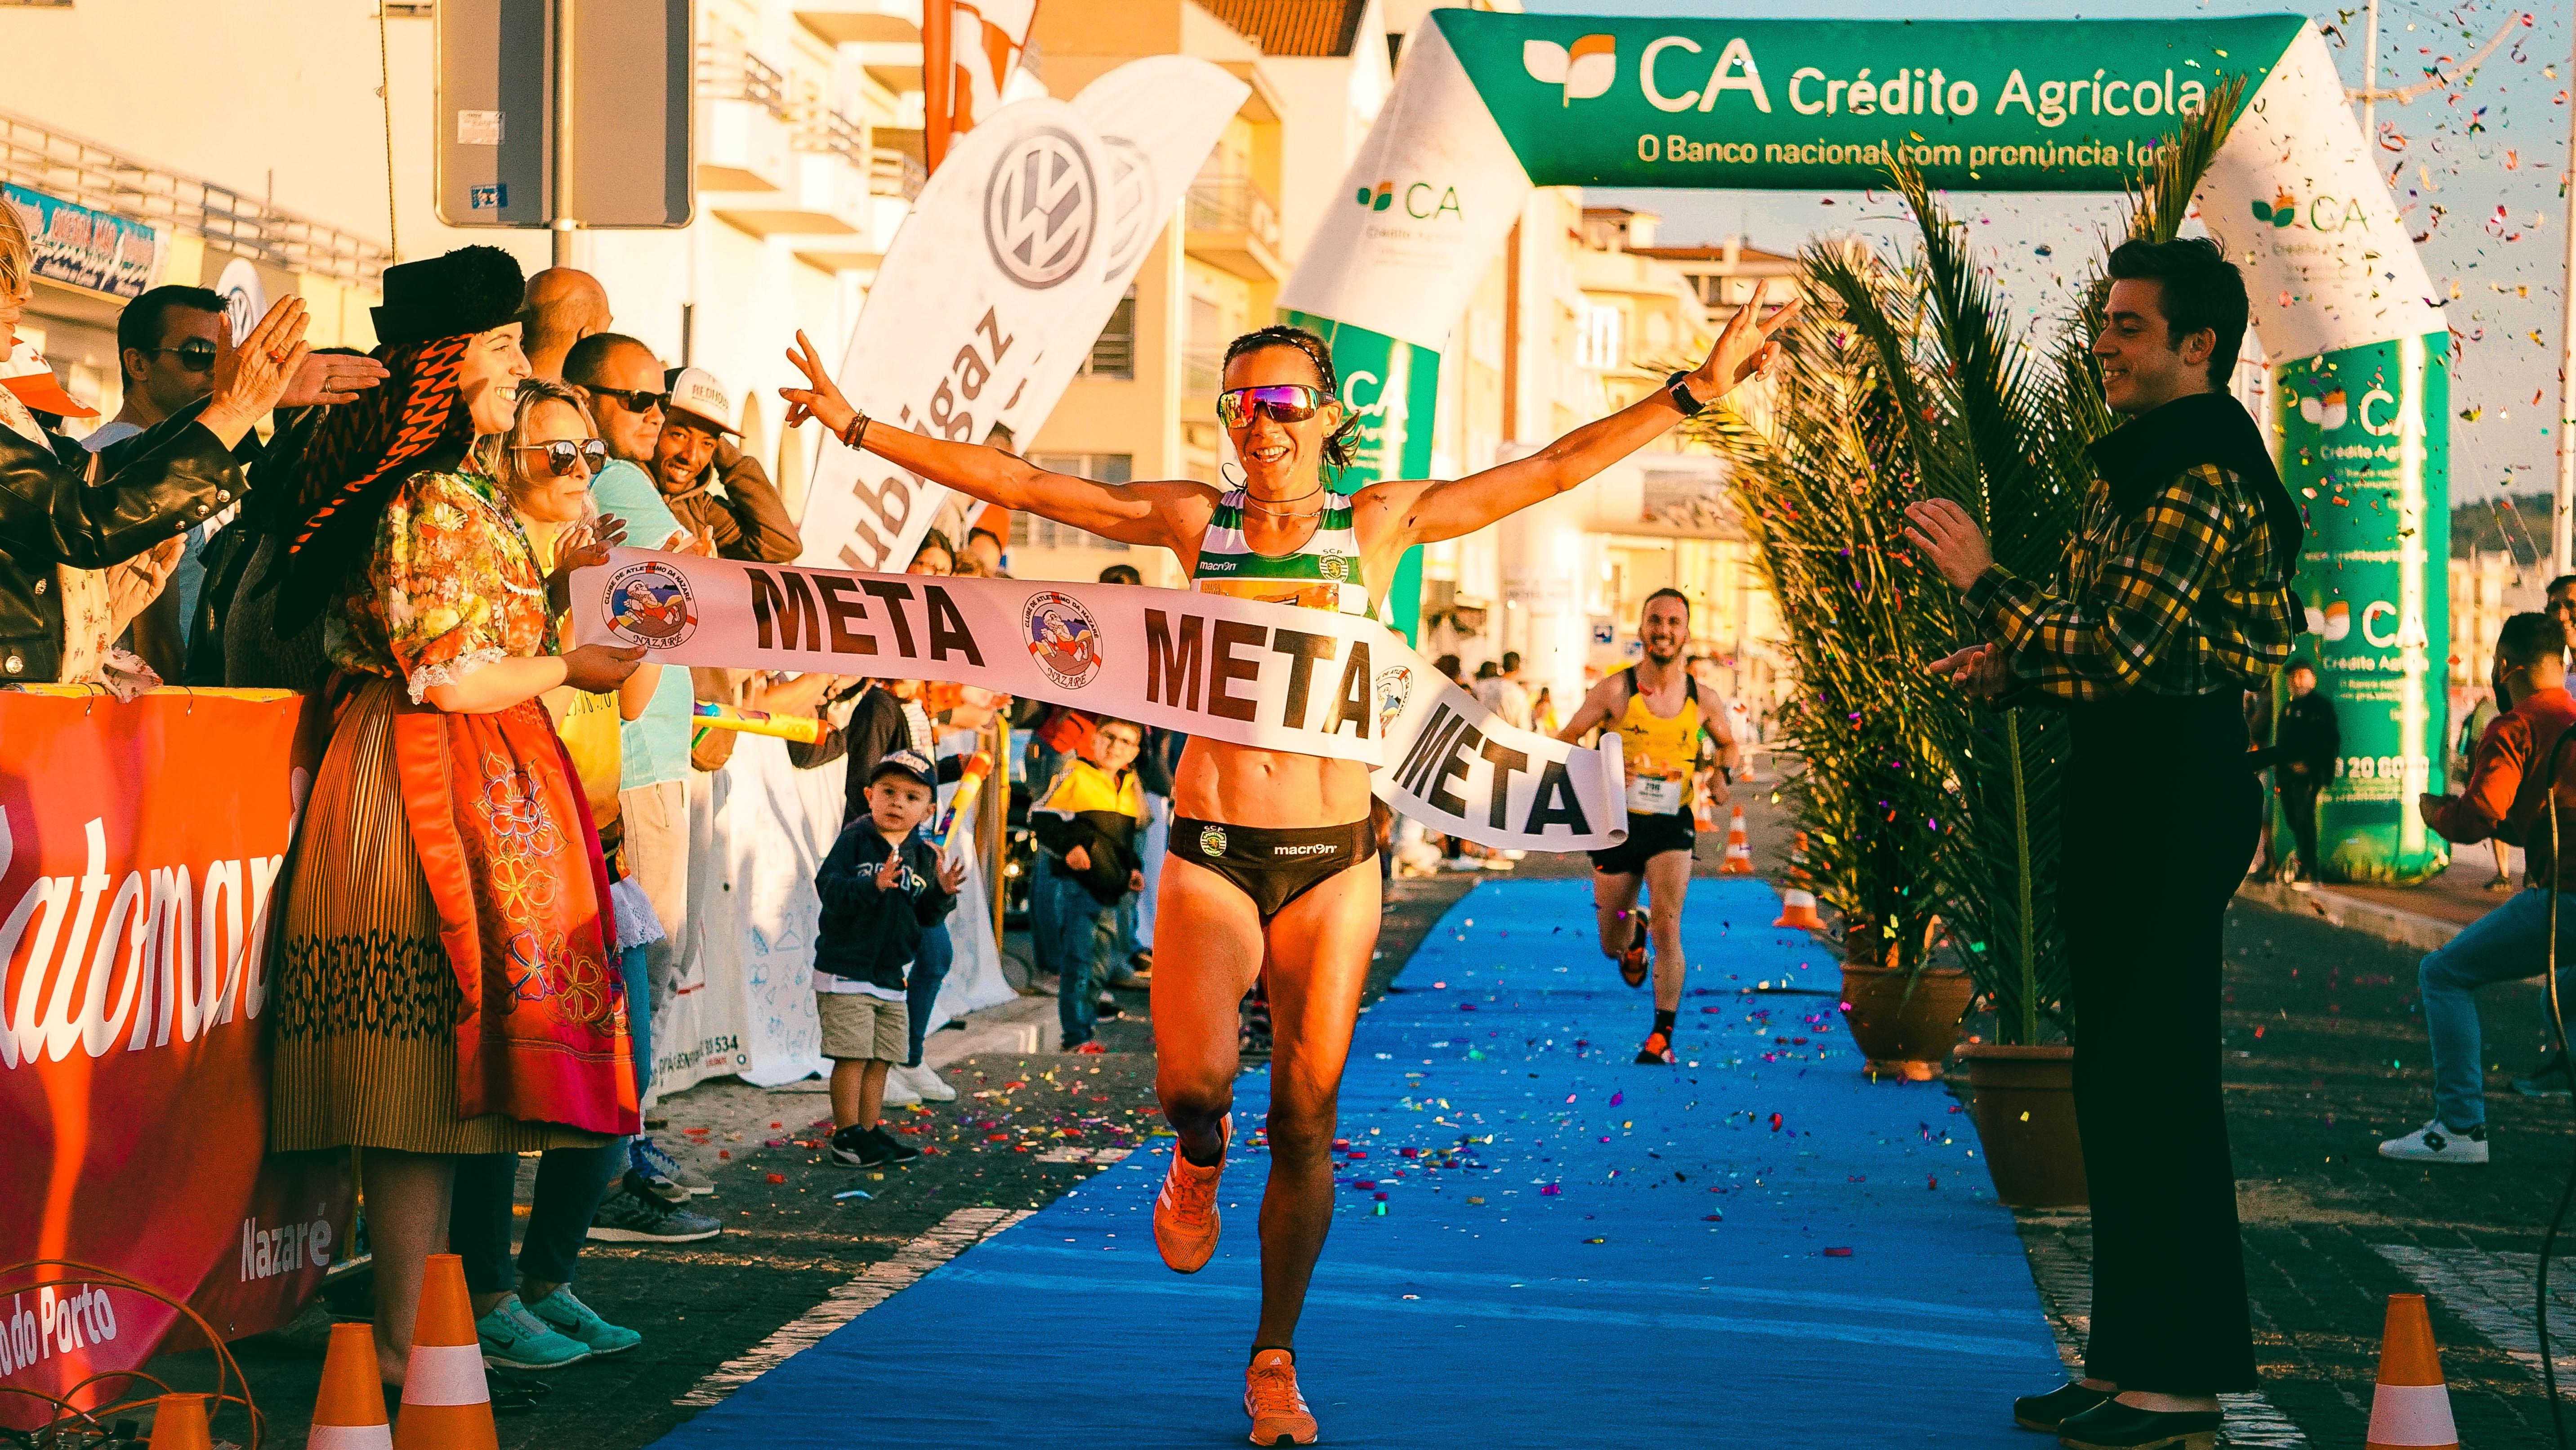 レナート・カノーバ(マラソン界の魔術師)のwiki風プロフ 【奇跡のレッスン】で語った練習法や精神面の鍛え方も